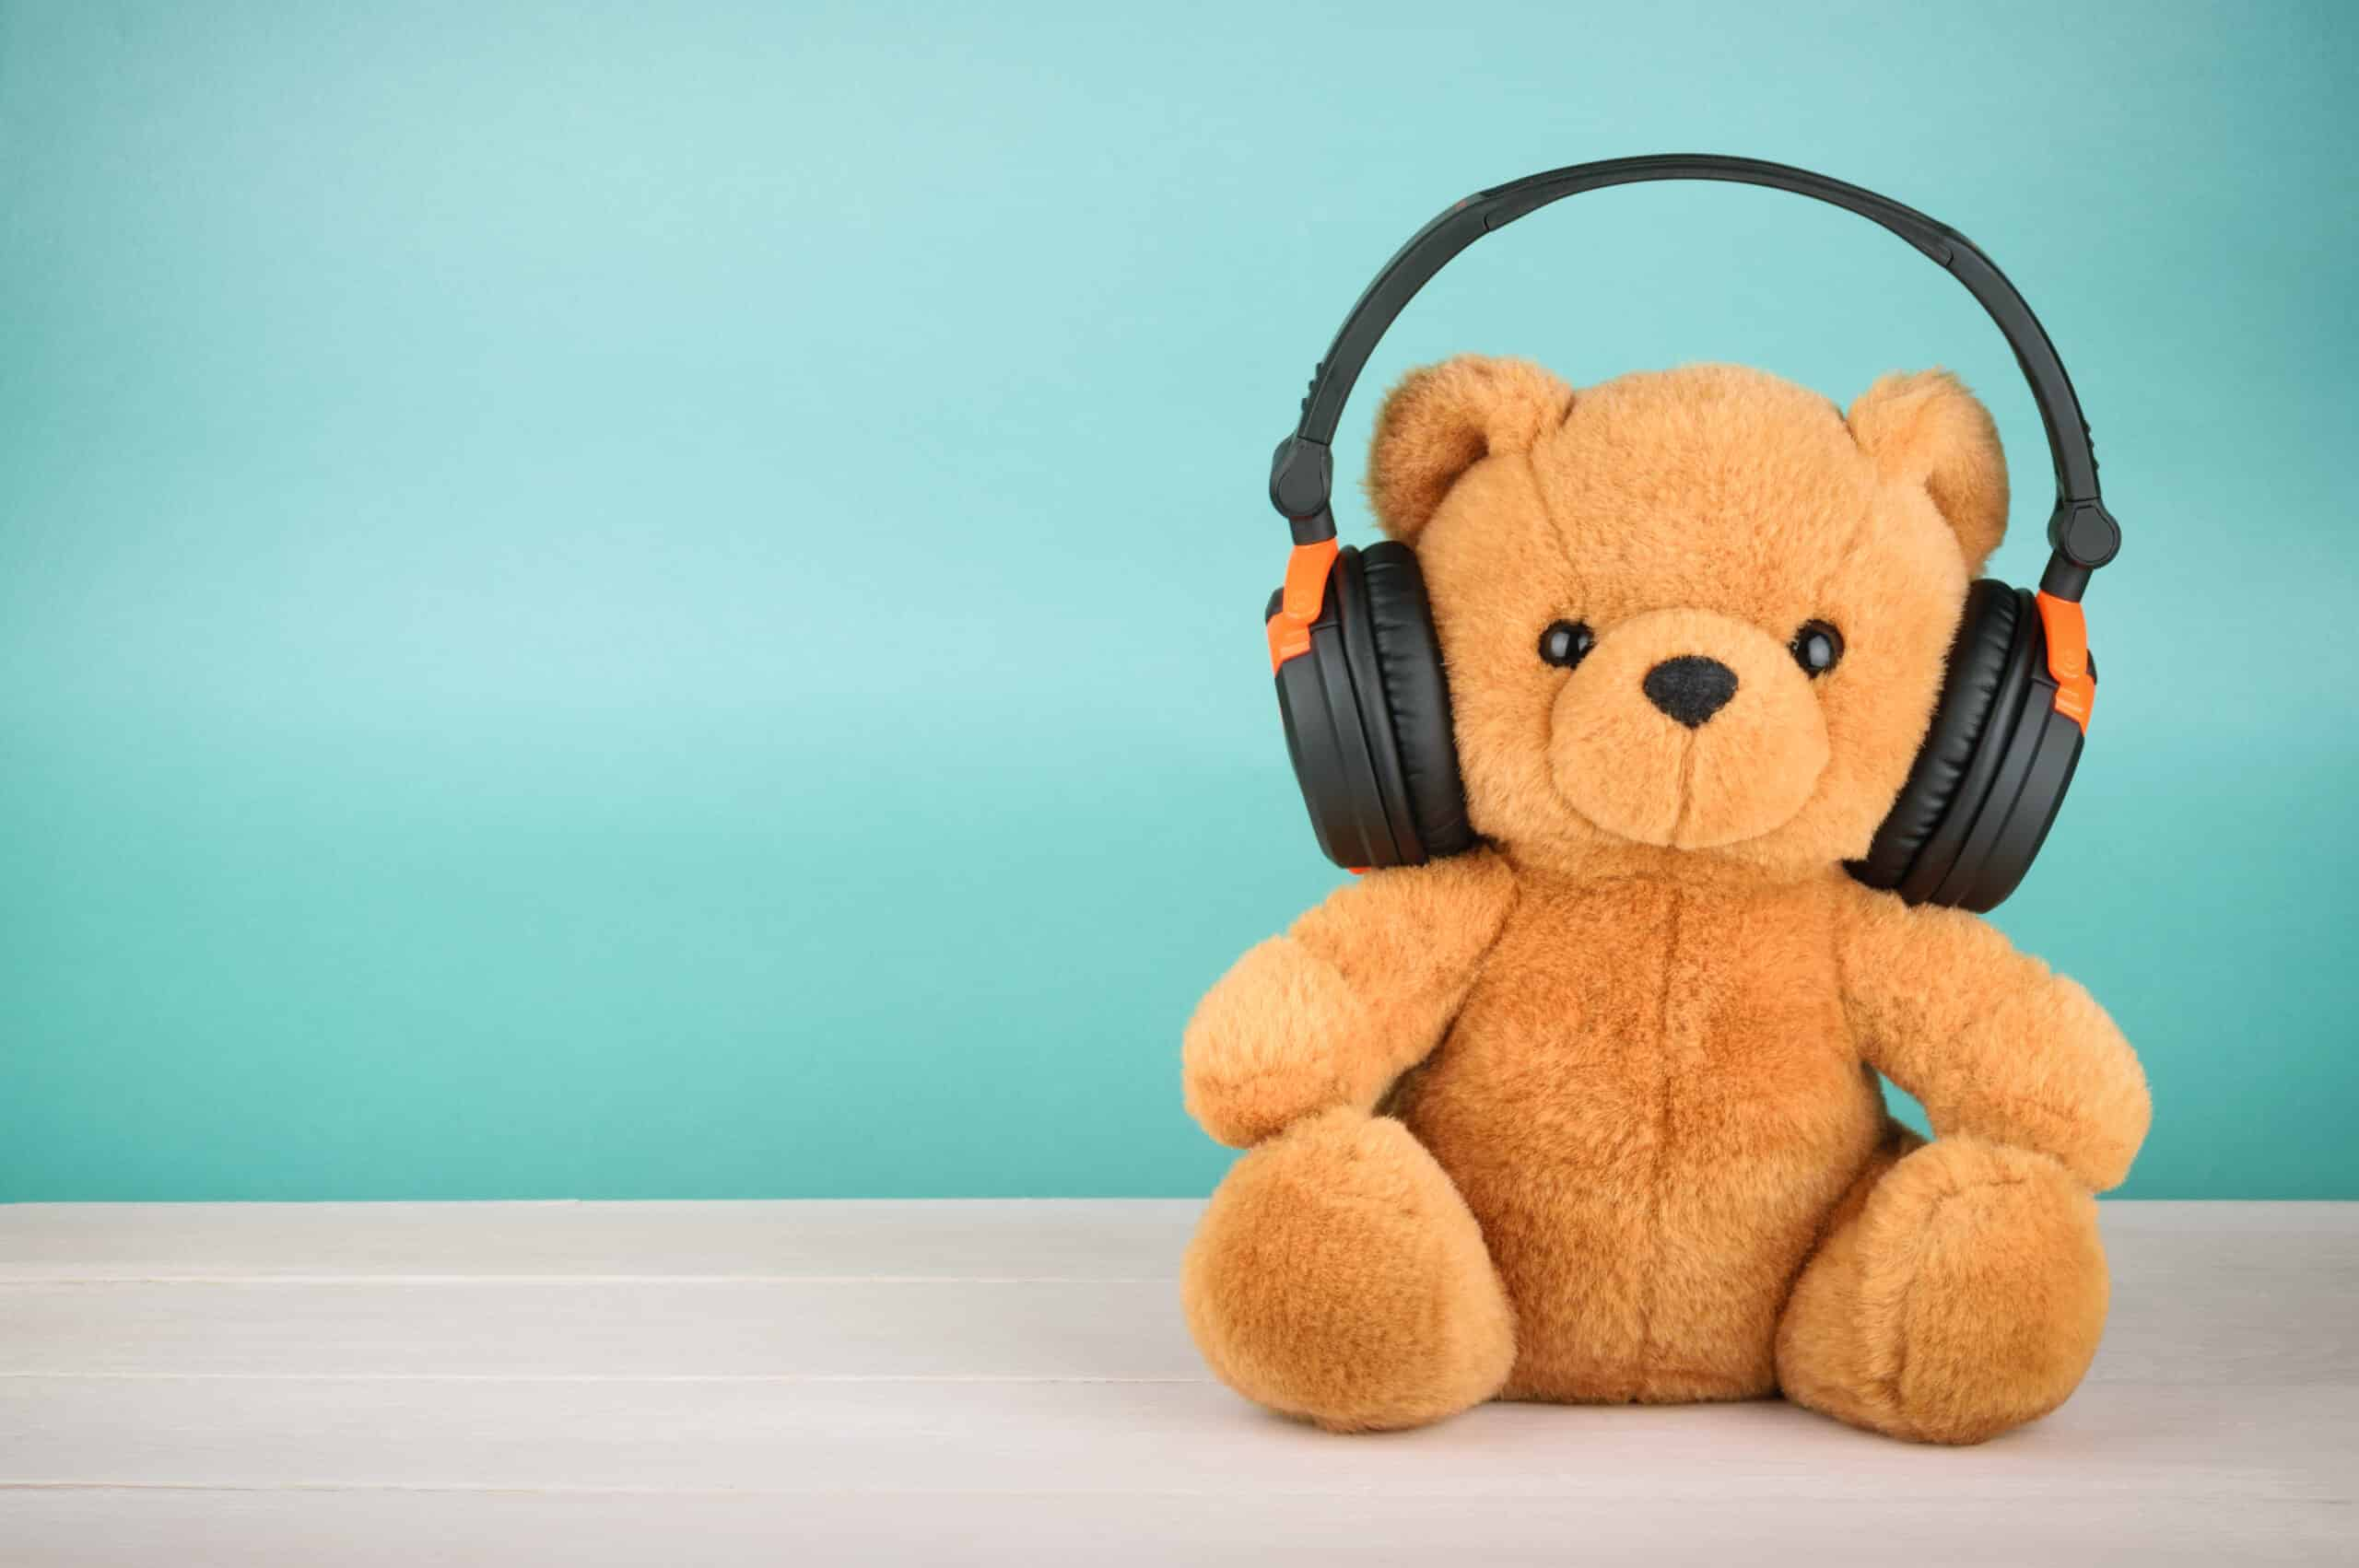 Teddy bear wearing noise-reducing headphones